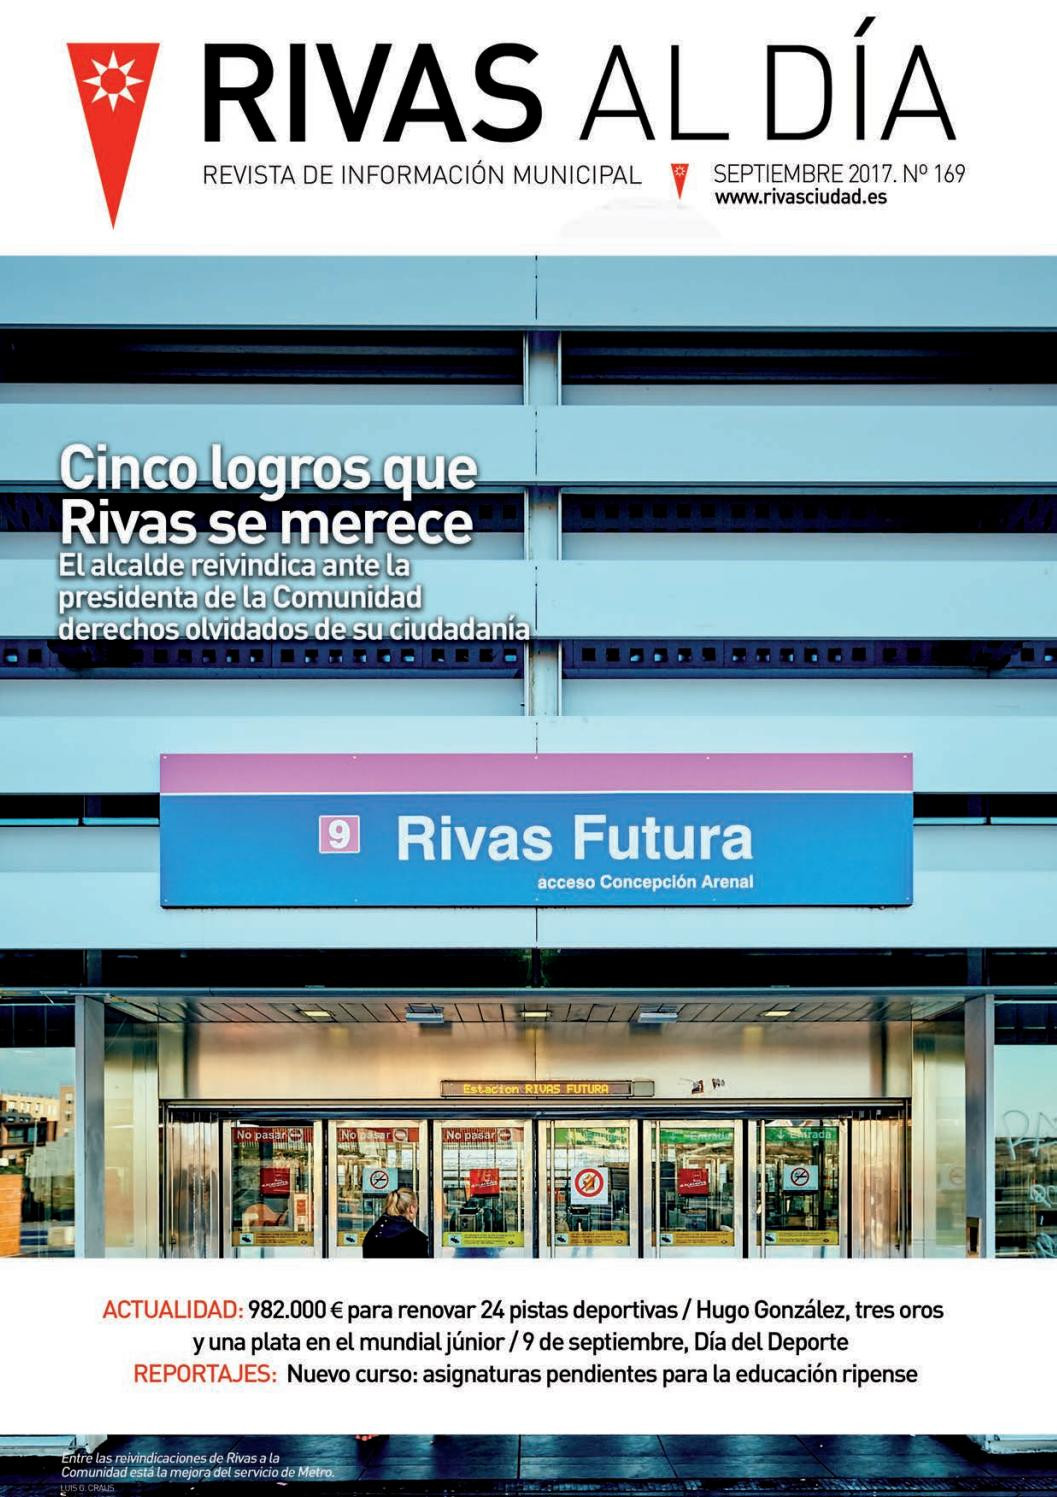 Rivas al día   Rivas cultural Nº. 169 septiembre 2017 by Rivas al día    Rivas cultural - issuu 9941588241a